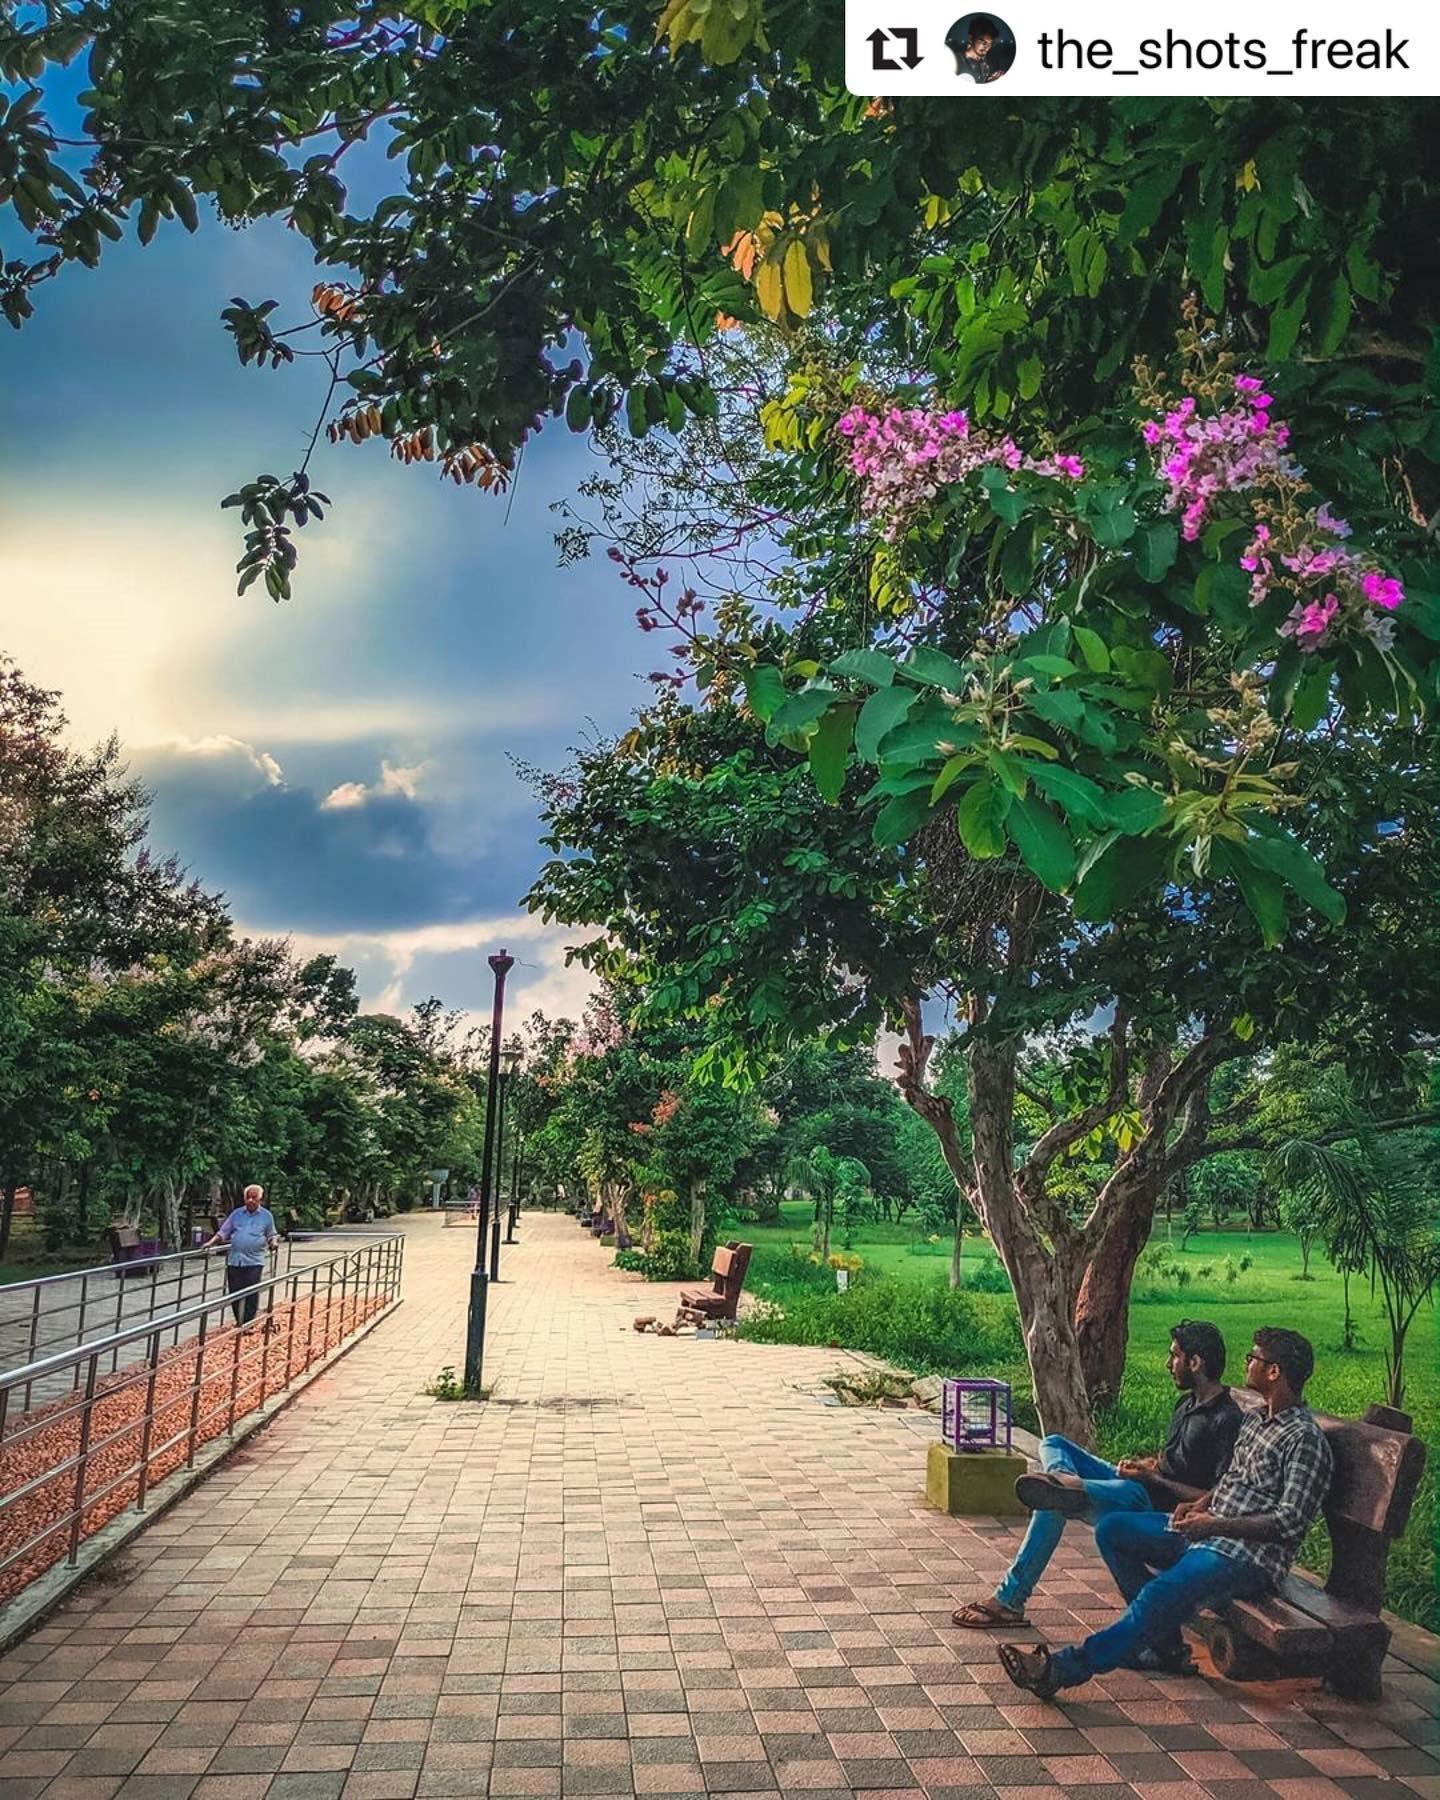 #bhubaneswarbuzz #forestpark pic courtesy  @the_shots_freak  A sunset feels better with someone's company. Agree or not ?  #travelrealindia #odishastreetphotography #moodisha #bhubaneswarbuzz #bhubaneswar #tripotocommunity #ngtindia #incredibleindia #storiesofindia #myindianphoto #shotonphone #full_phoneography #natgeoyourshot #chitramandali #_coi #bobbyjoshi #nustaharamkhor